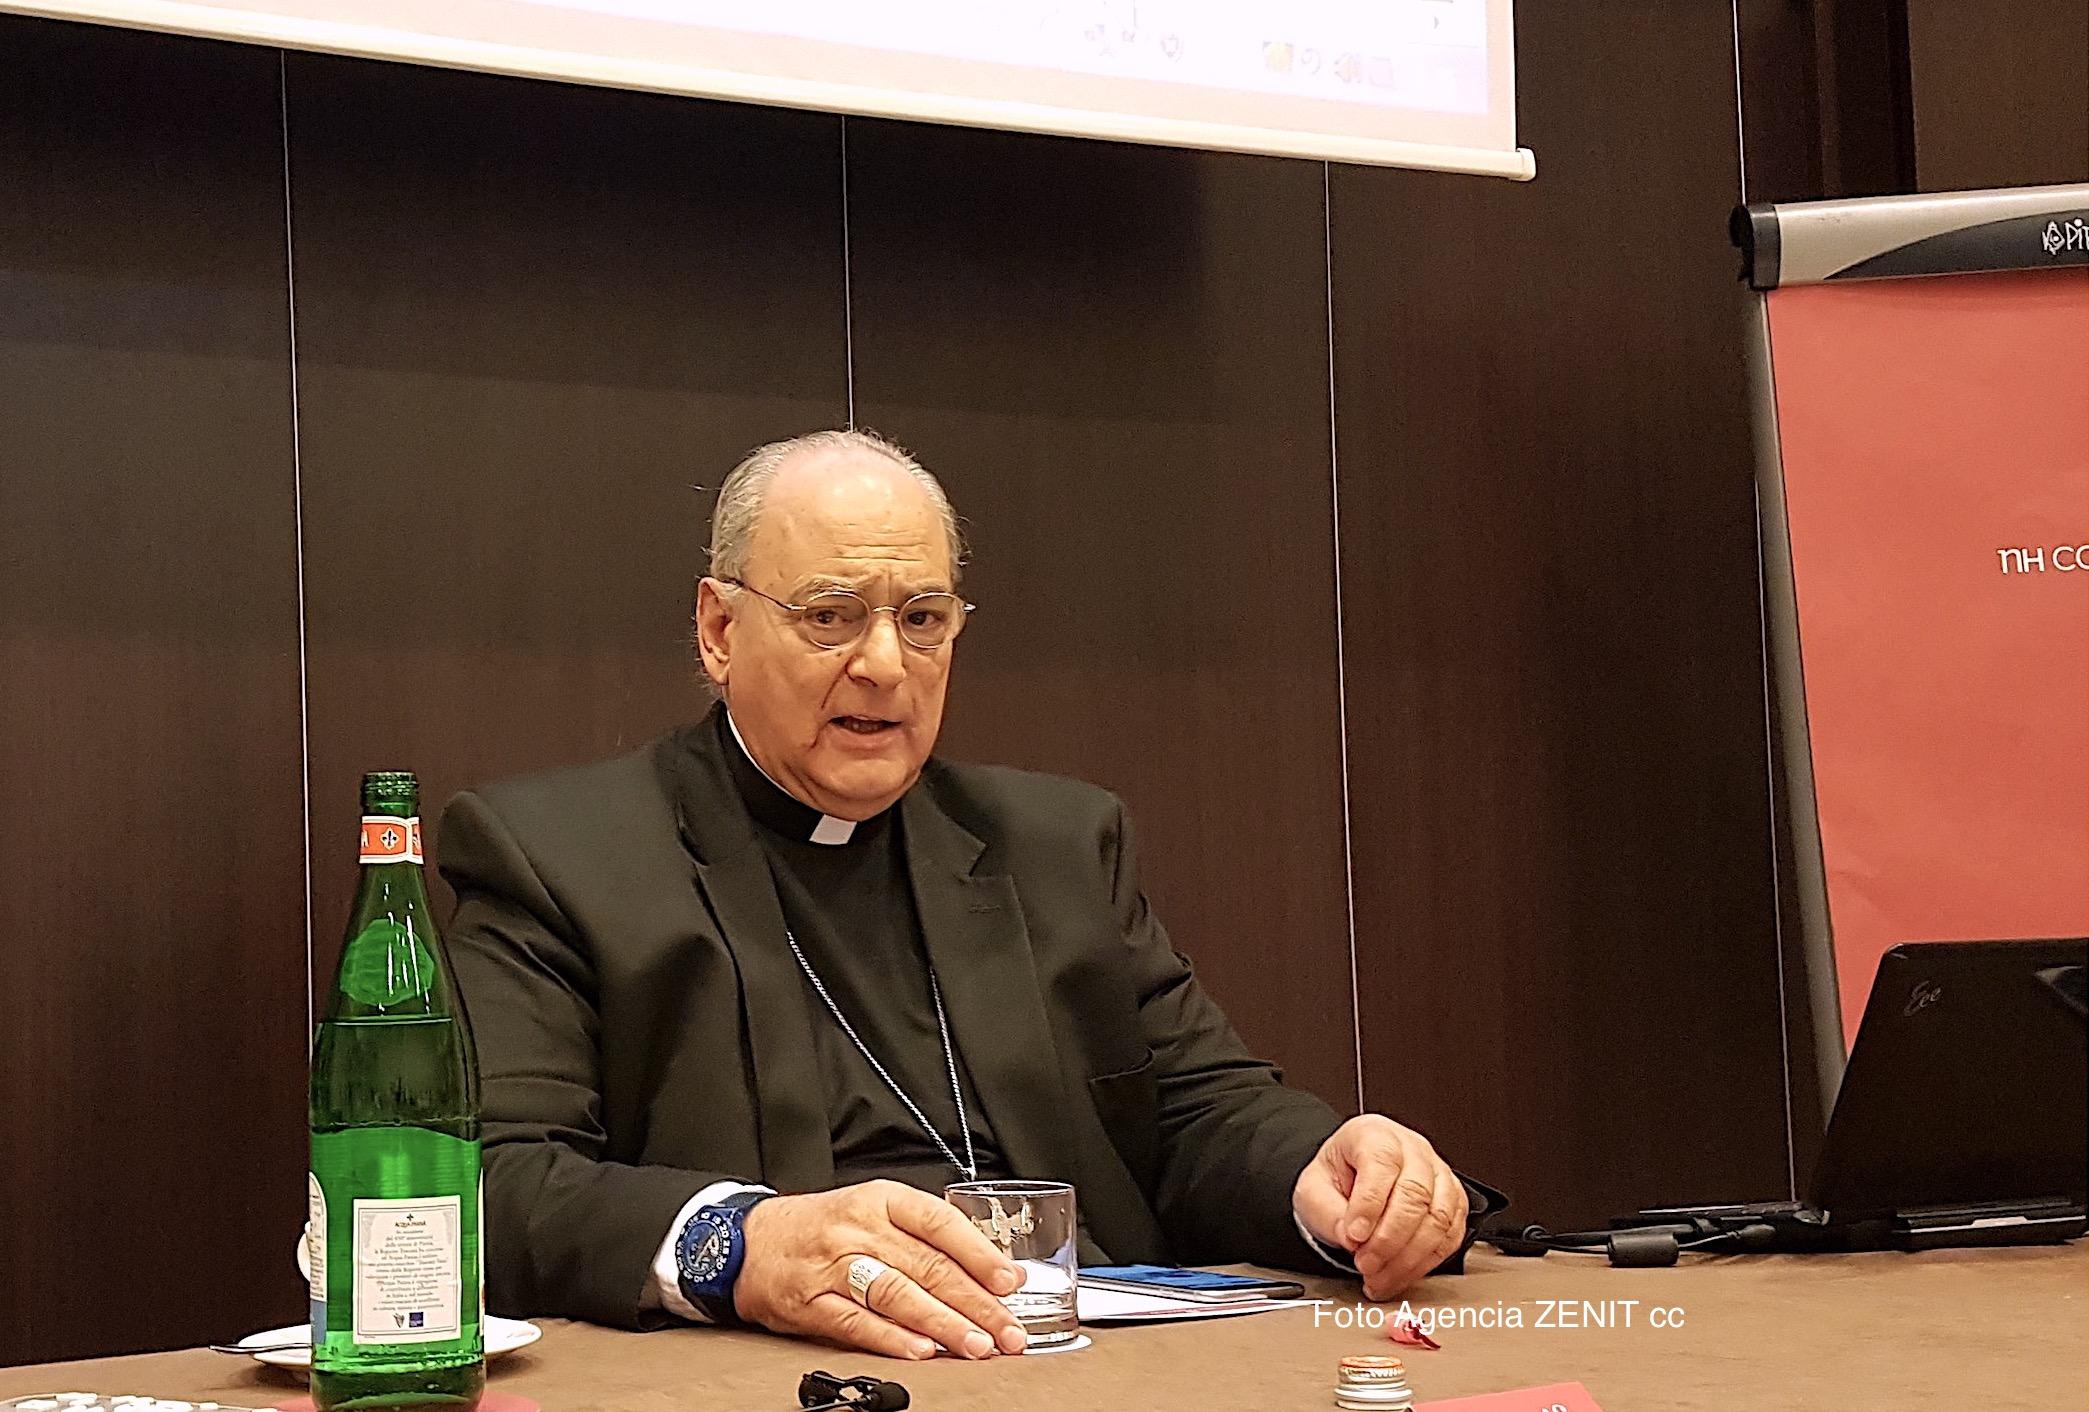 Mons. Sánchez Sorondo, canciller de la Academia Pontificia de las Ciencias, durante el desayuno de trabajo (Foto ZENIT cc)